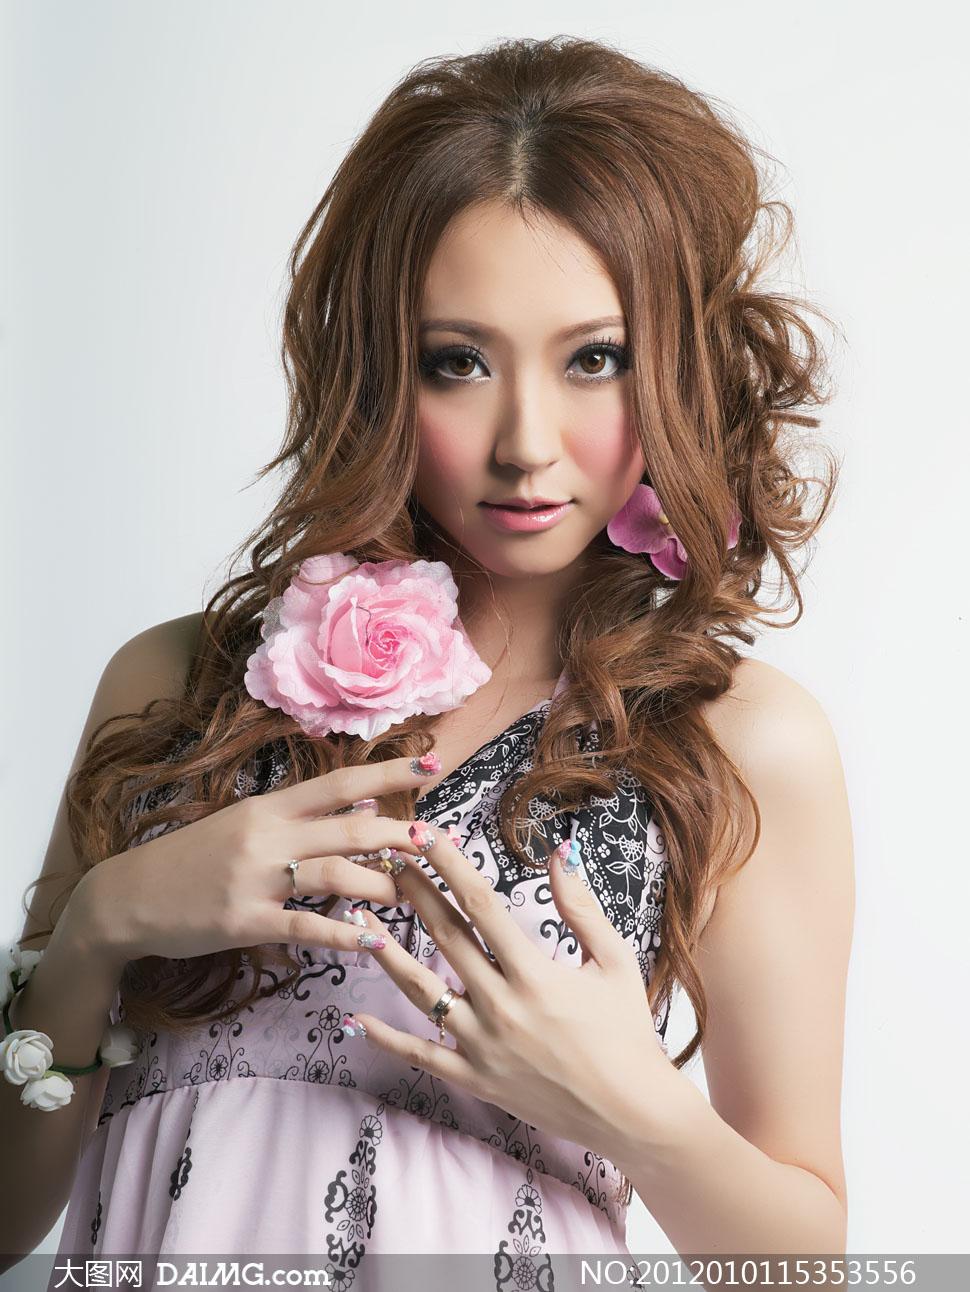 韩式时尚卷发美女模特高清摄影图片 - 大图网设